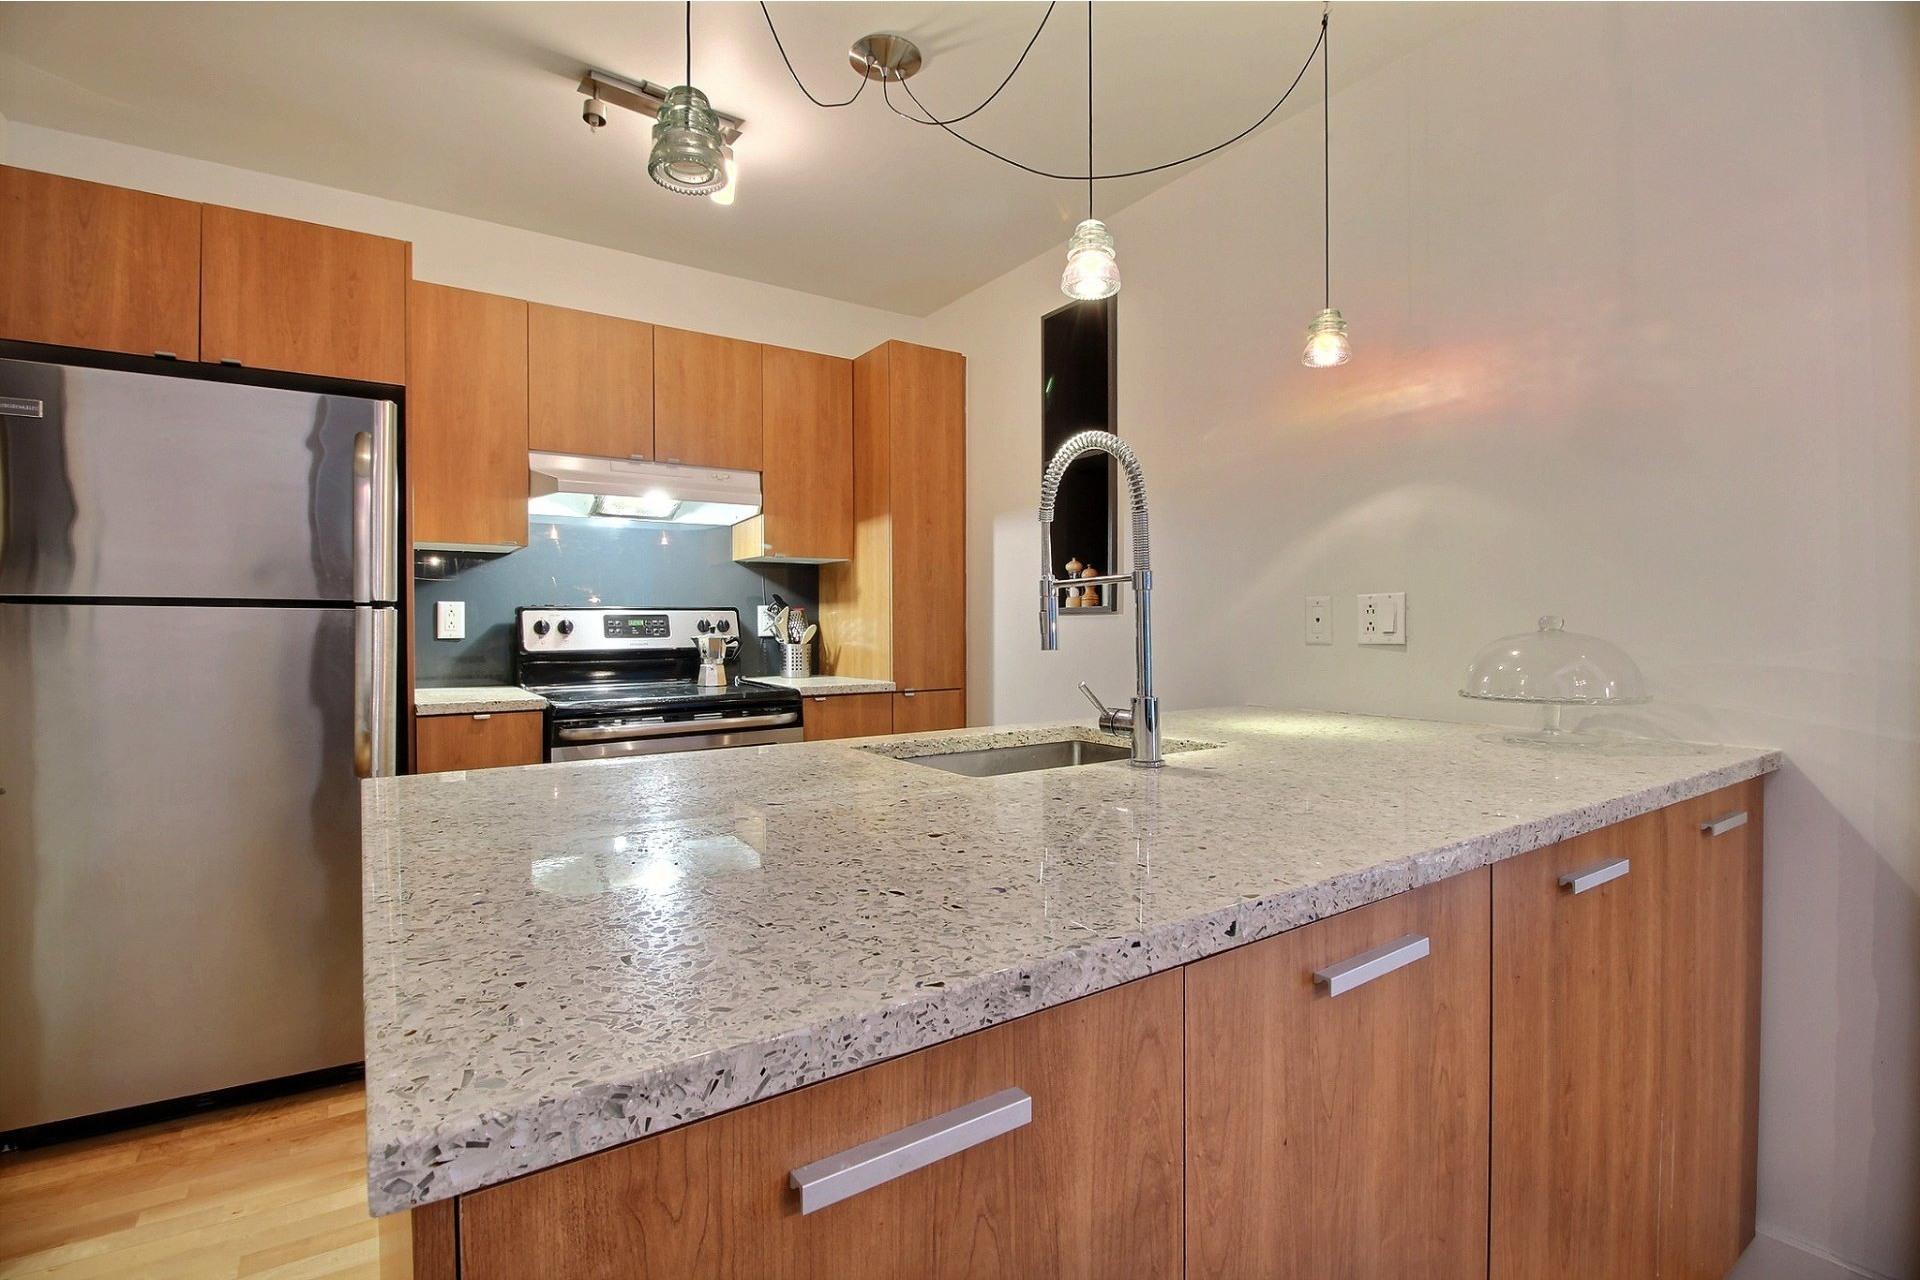 image 5 - Apartment For rent Montréal Mercier/Hochelaga-Maisonneuve  - 5 rooms